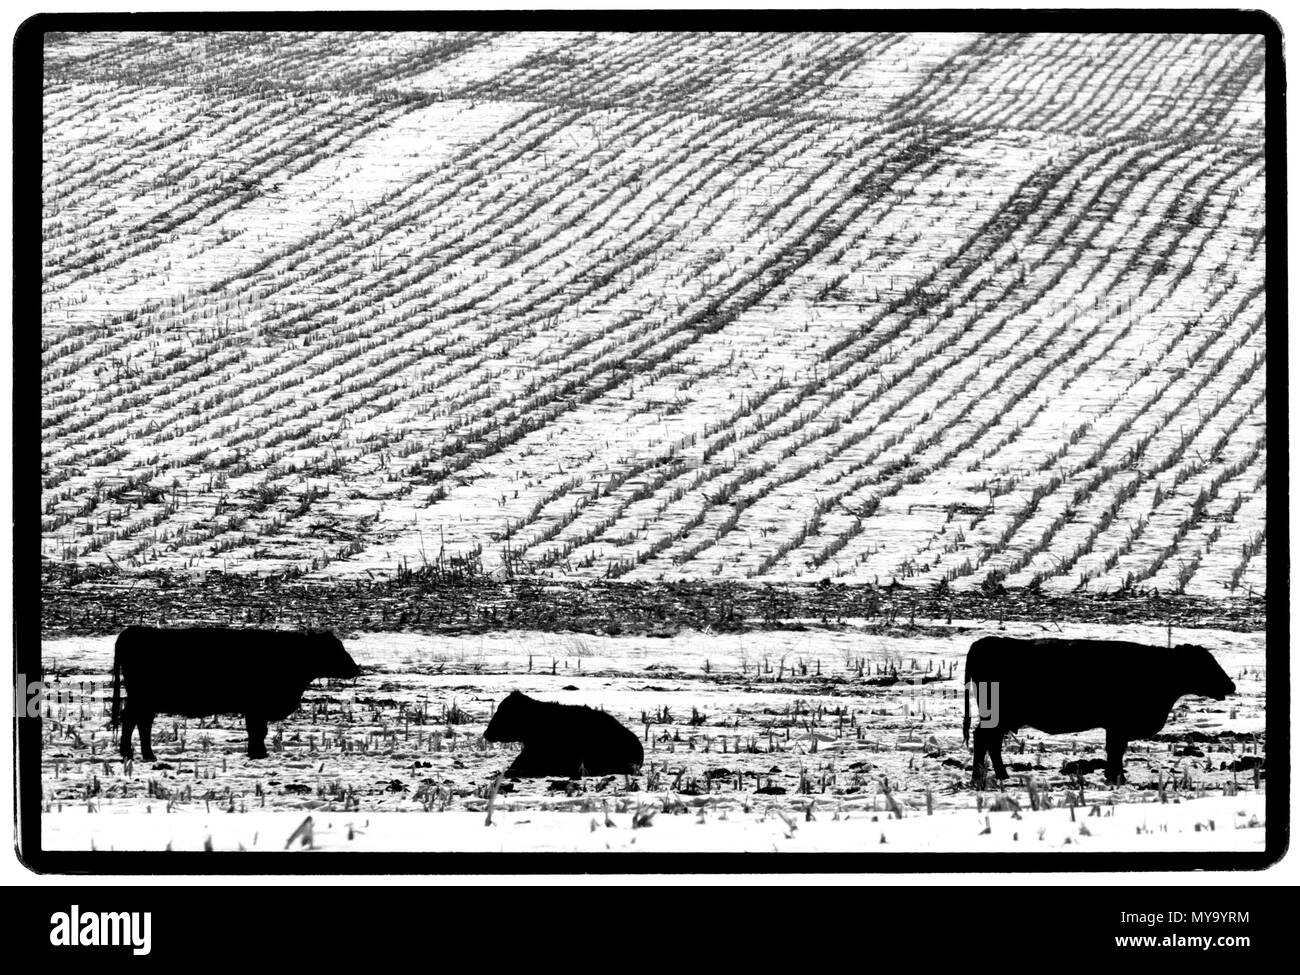 Iowa landscape in winter USA - Stock Image